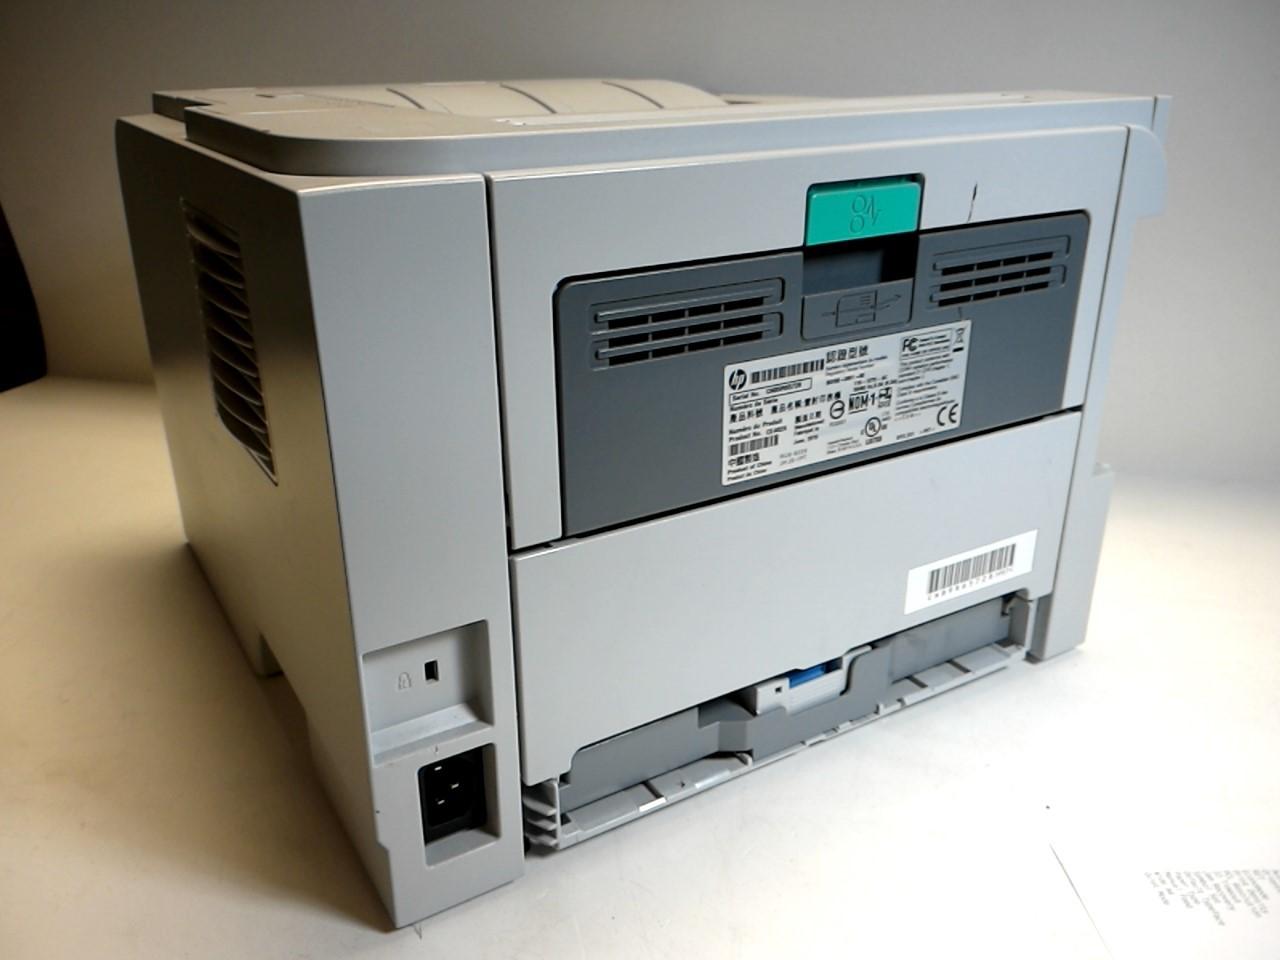 hp laserjet p2035 printer driver download for windows 7 exismavos s blog. Black Bedroom Furniture Sets. Home Design Ideas